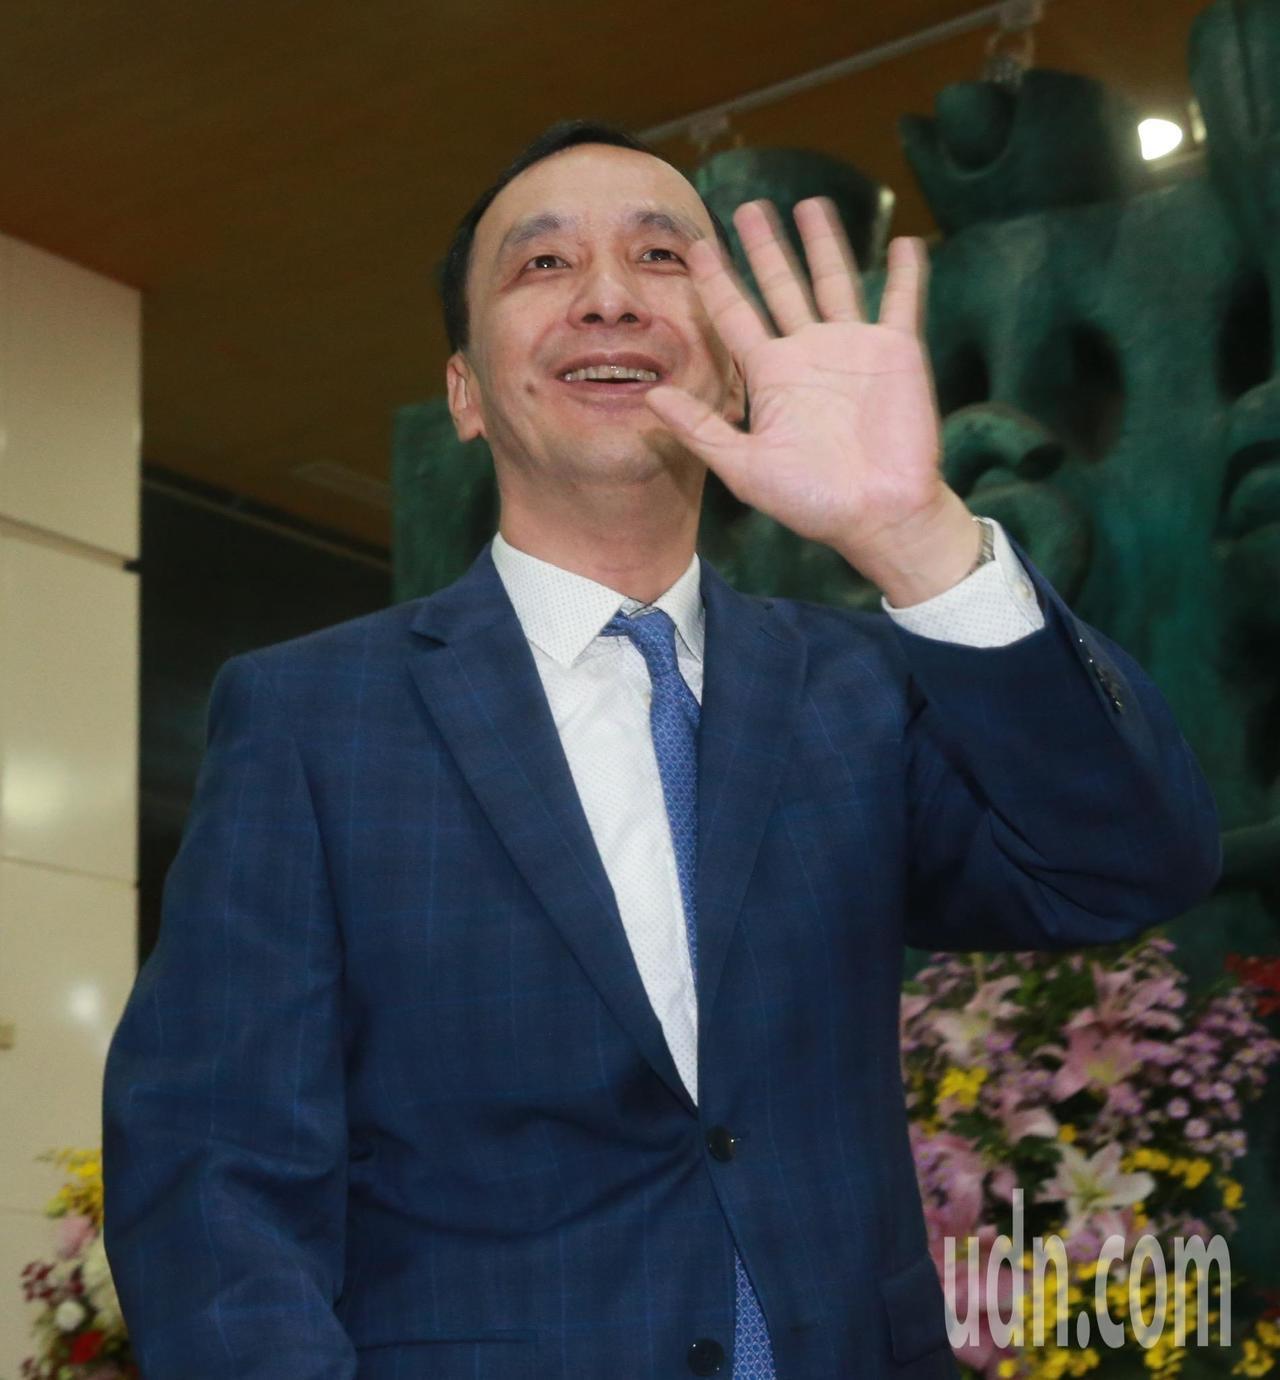 問鼎總統大位的新北市前市長朱立倫表示,黨內初選是讓黨內的聲音,能夠受到民眾的支持...